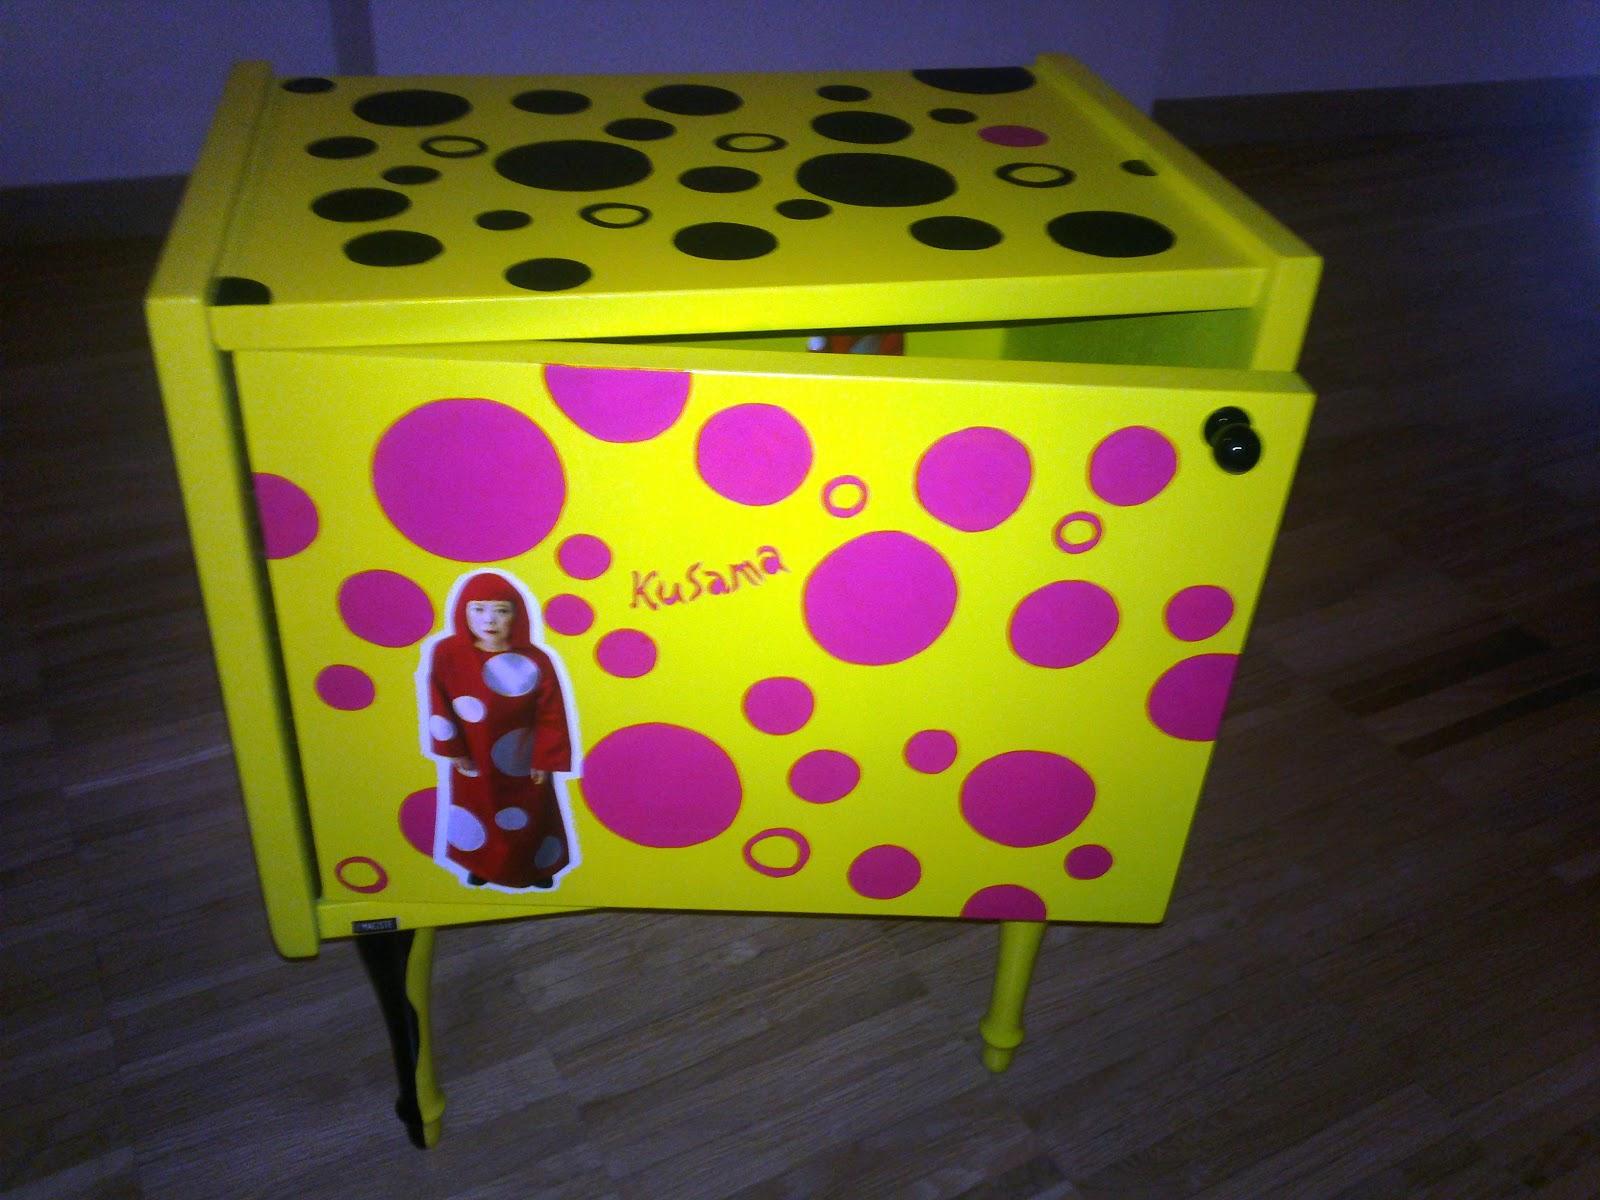 I eficiencia diciembre 2012 for Muebles pop art